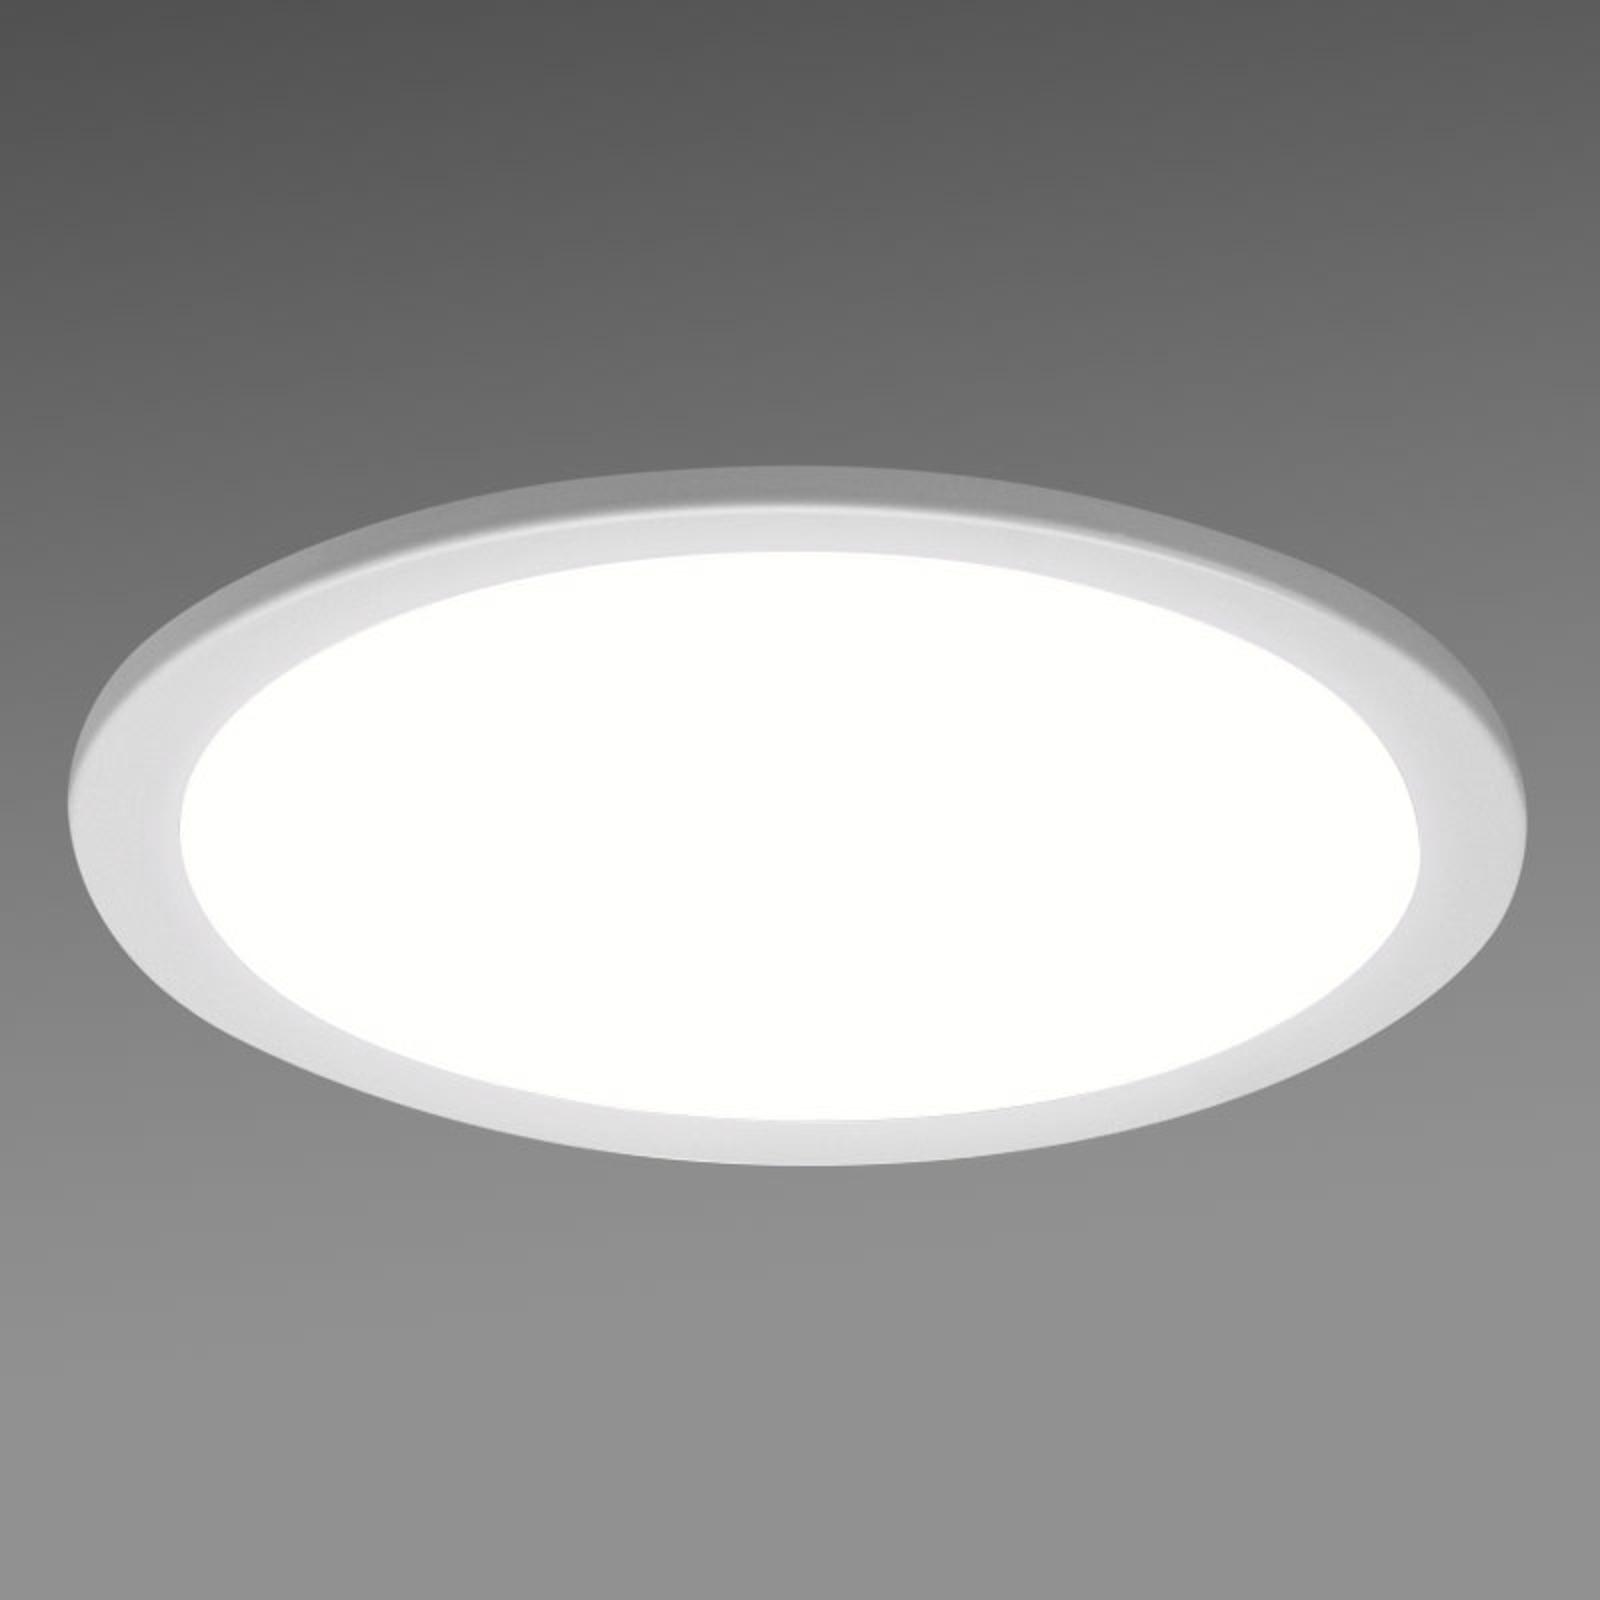 Rundes LED-Einbaudownlight SBLG in Weiß kaufen